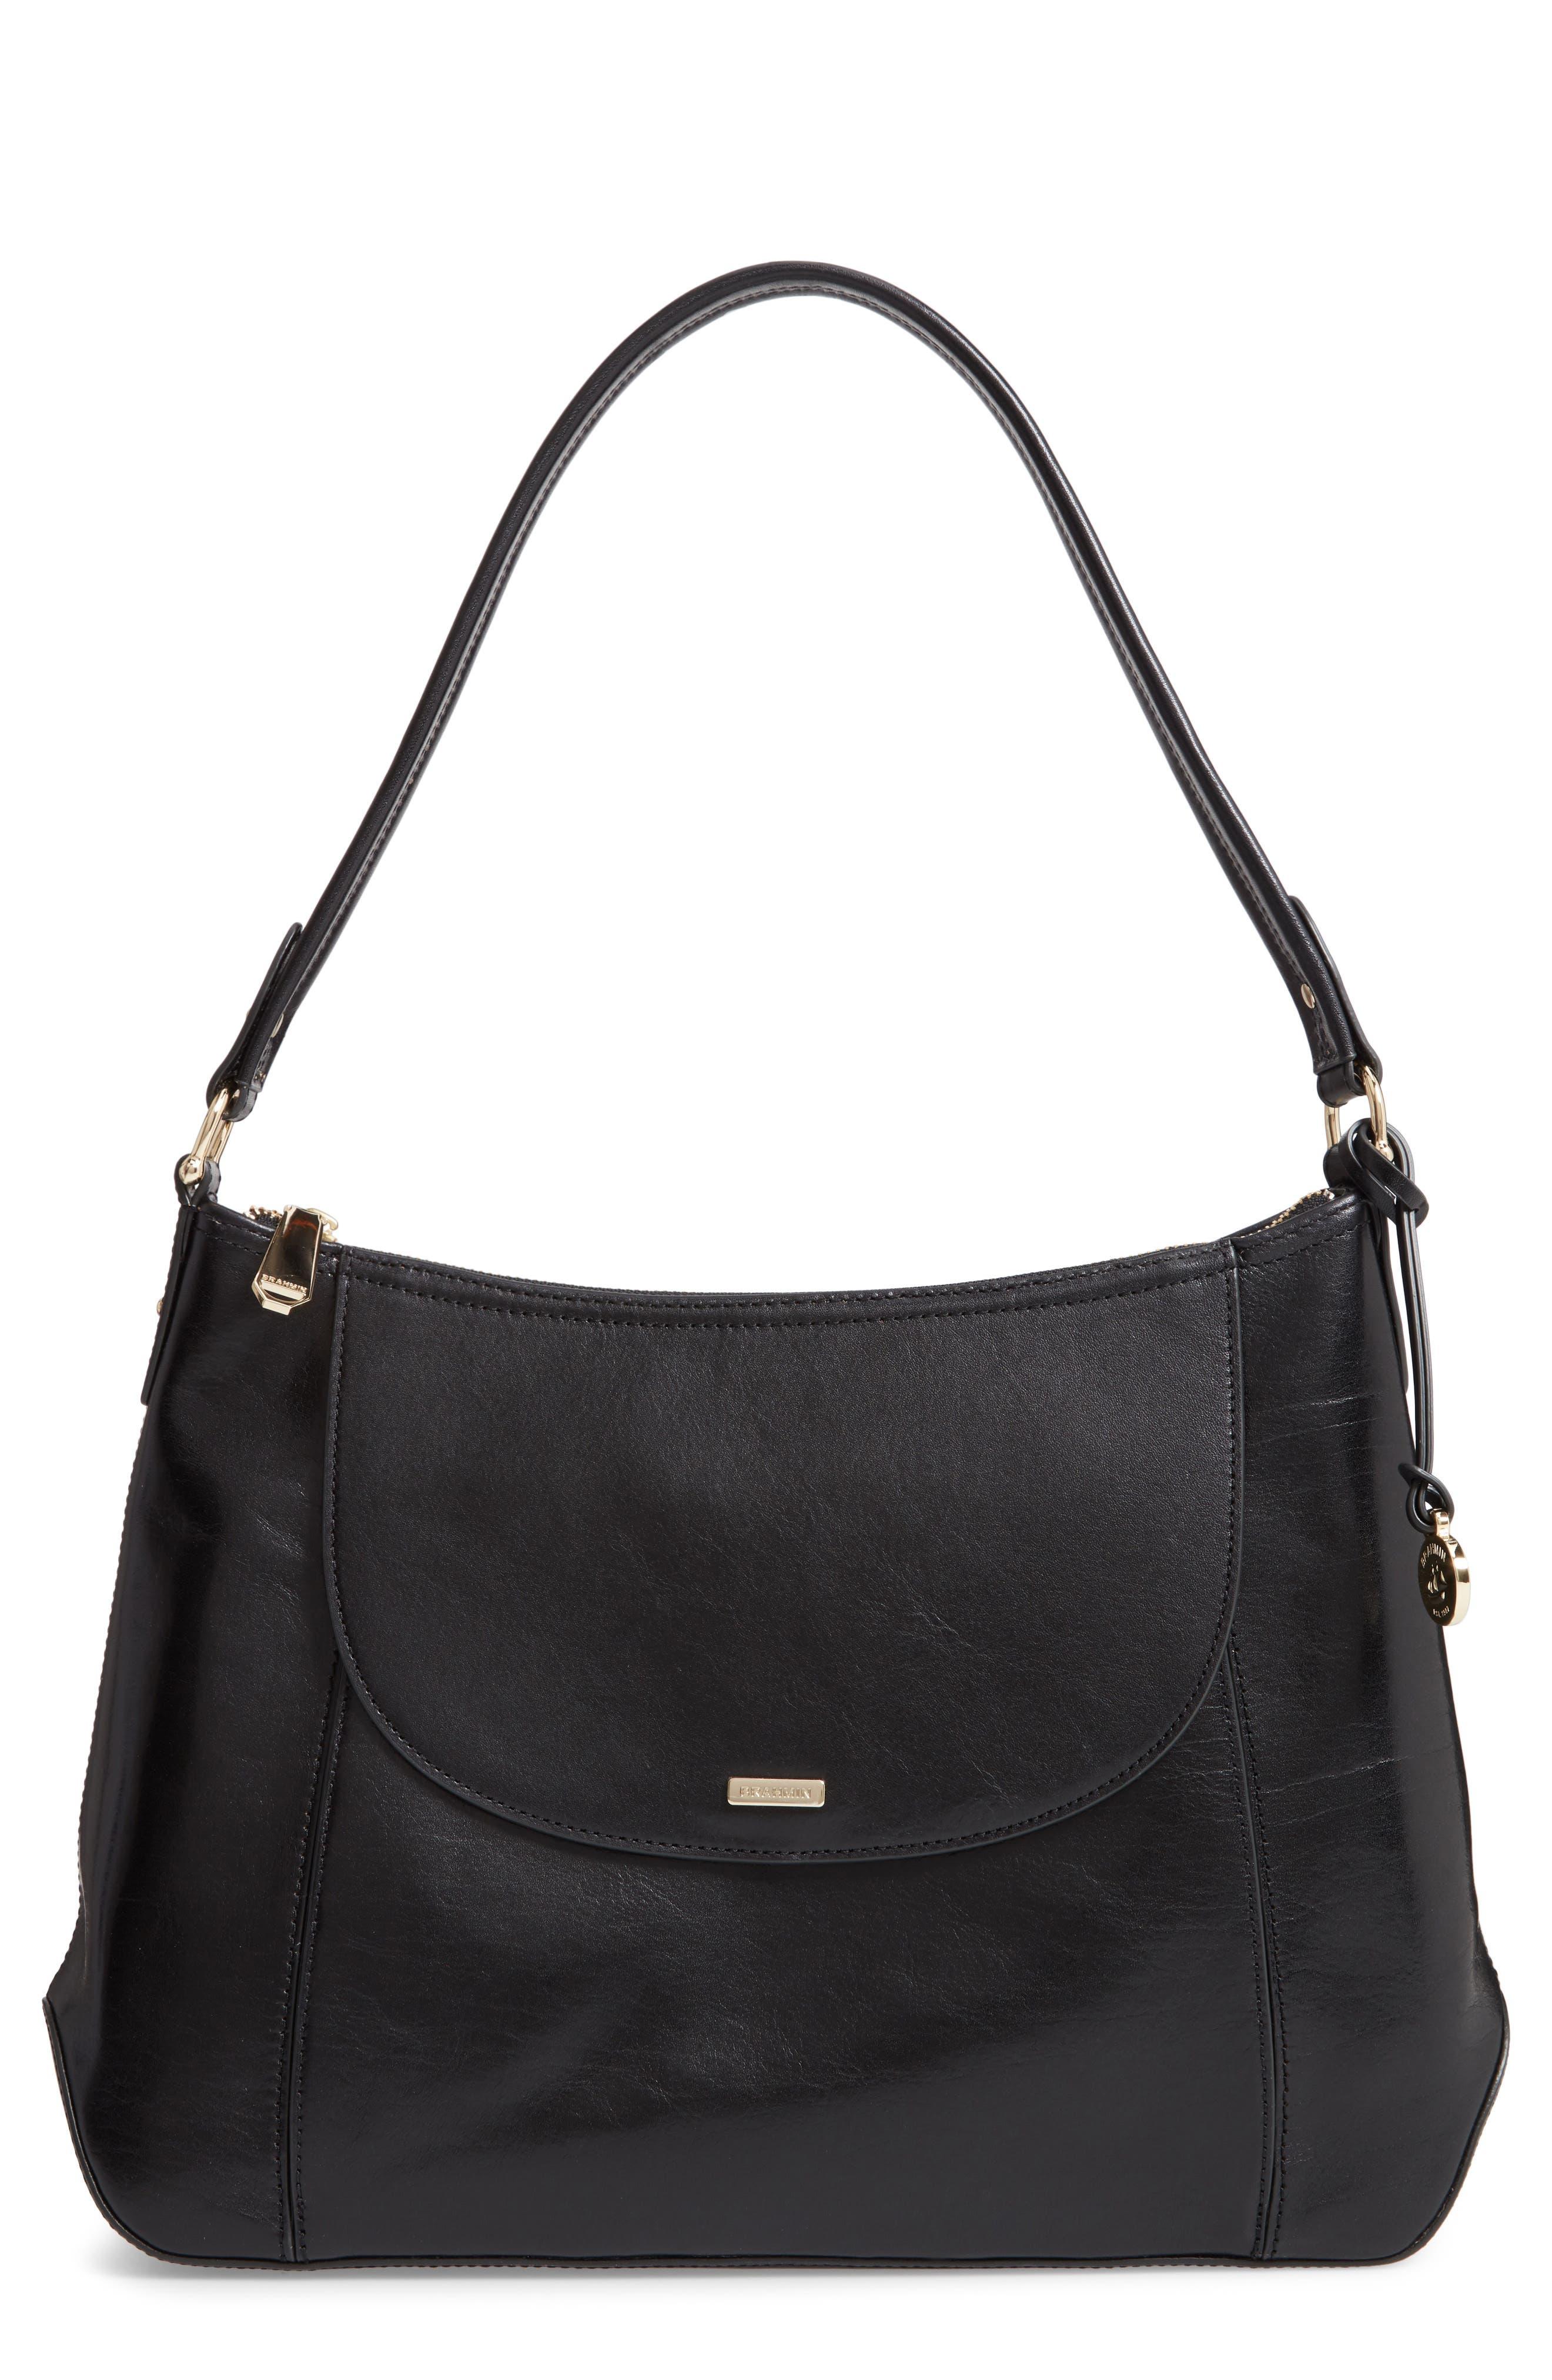 Weslynn Leather Shoulder Bag,                             Main thumbnail 1, color,                             BLACK